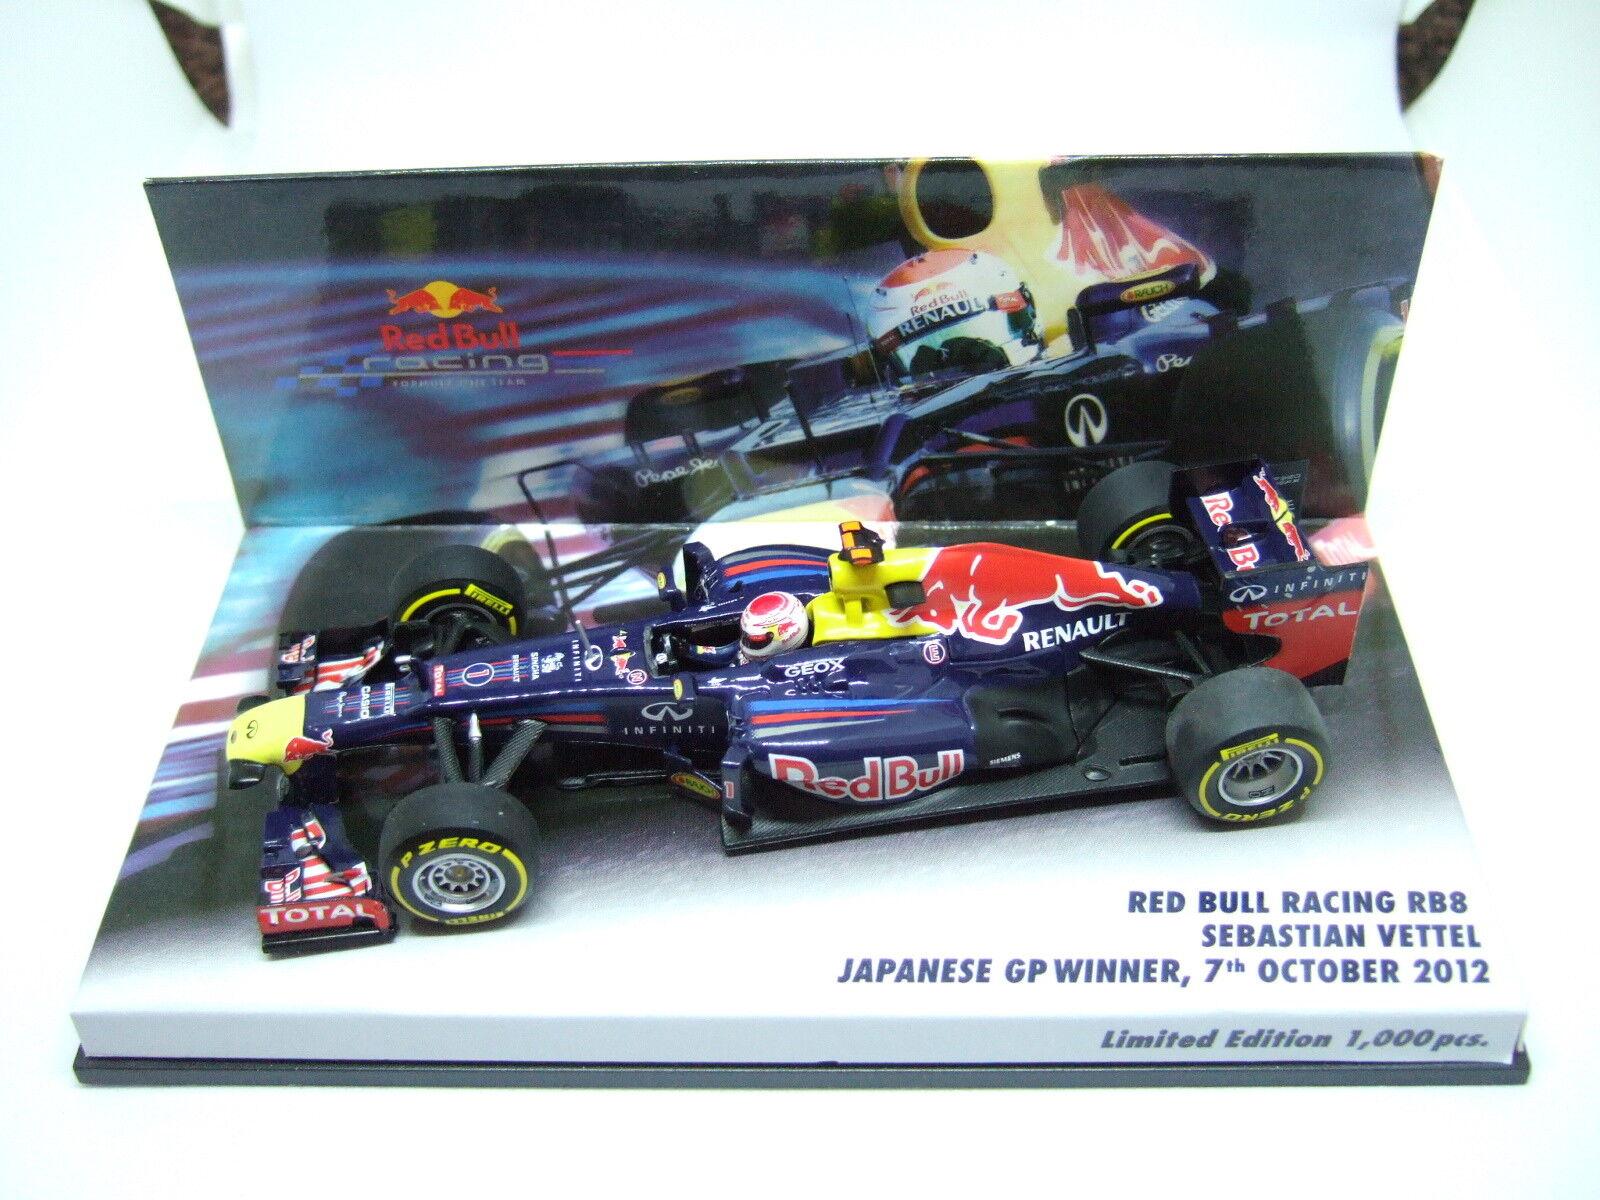 MINICHAMPS Sebastian Vettel rouge Bull RB8 Japanese GP Winner 2012 1 43